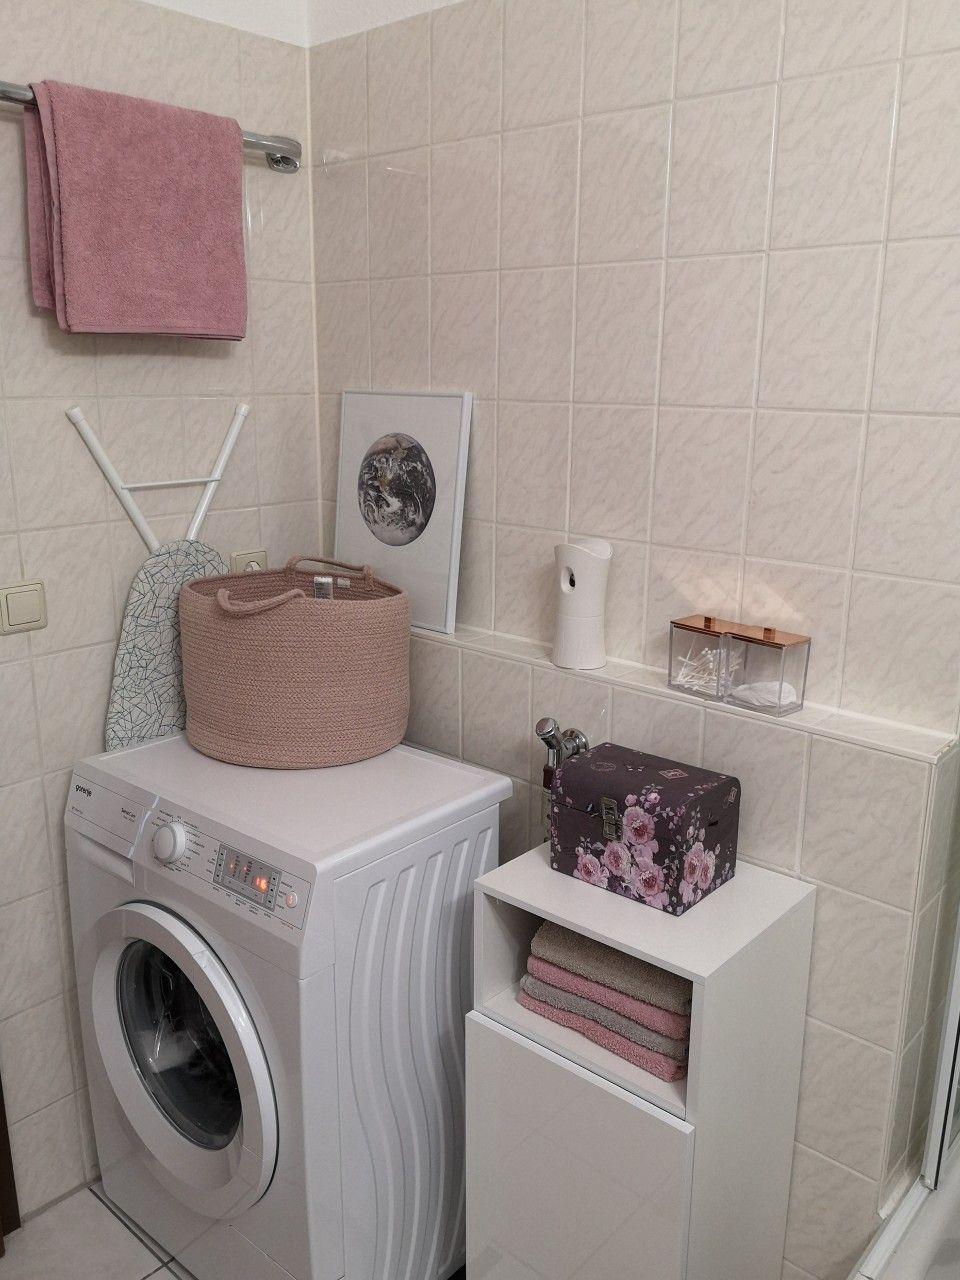 Einzimmerwohnung Einrichten Badezimmer Rosa Slimwaschmaschine Kupfer Desenio In 2020 Einzimmerwohnung Badezimmer Wohnung